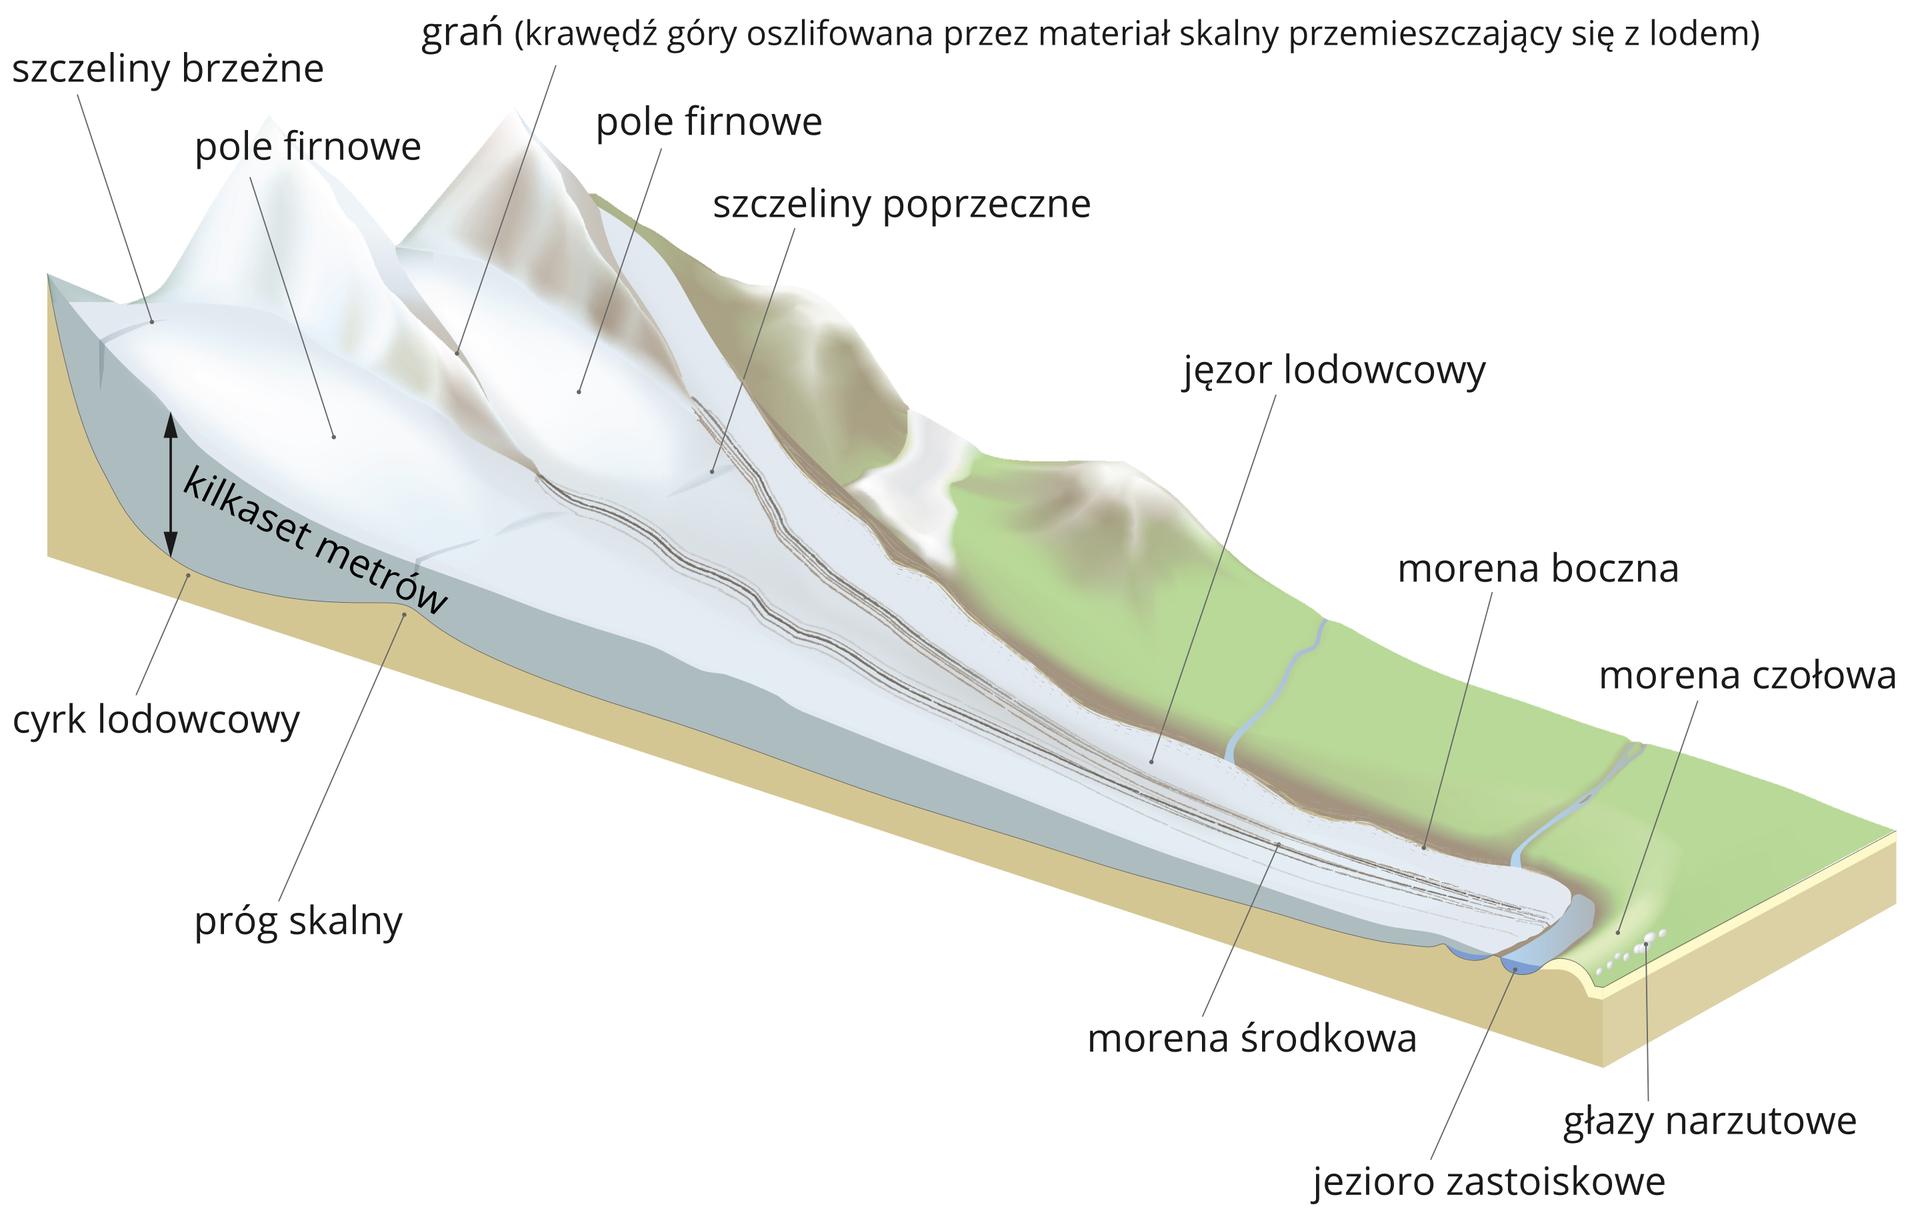 Na ilustracji lodowiec górski ogrubości kilkaset metrów na stoku górskim. Pole firnowe, szczeliny brzeżne ipoprzeczne, jęzor lodowcowy, cyrk lodowcowy ipróg skalny. Na przodzie lodowca morena środkowa, morena czołowa imorena boczna, głazy narzutowe ijeziora zastoiskowe.